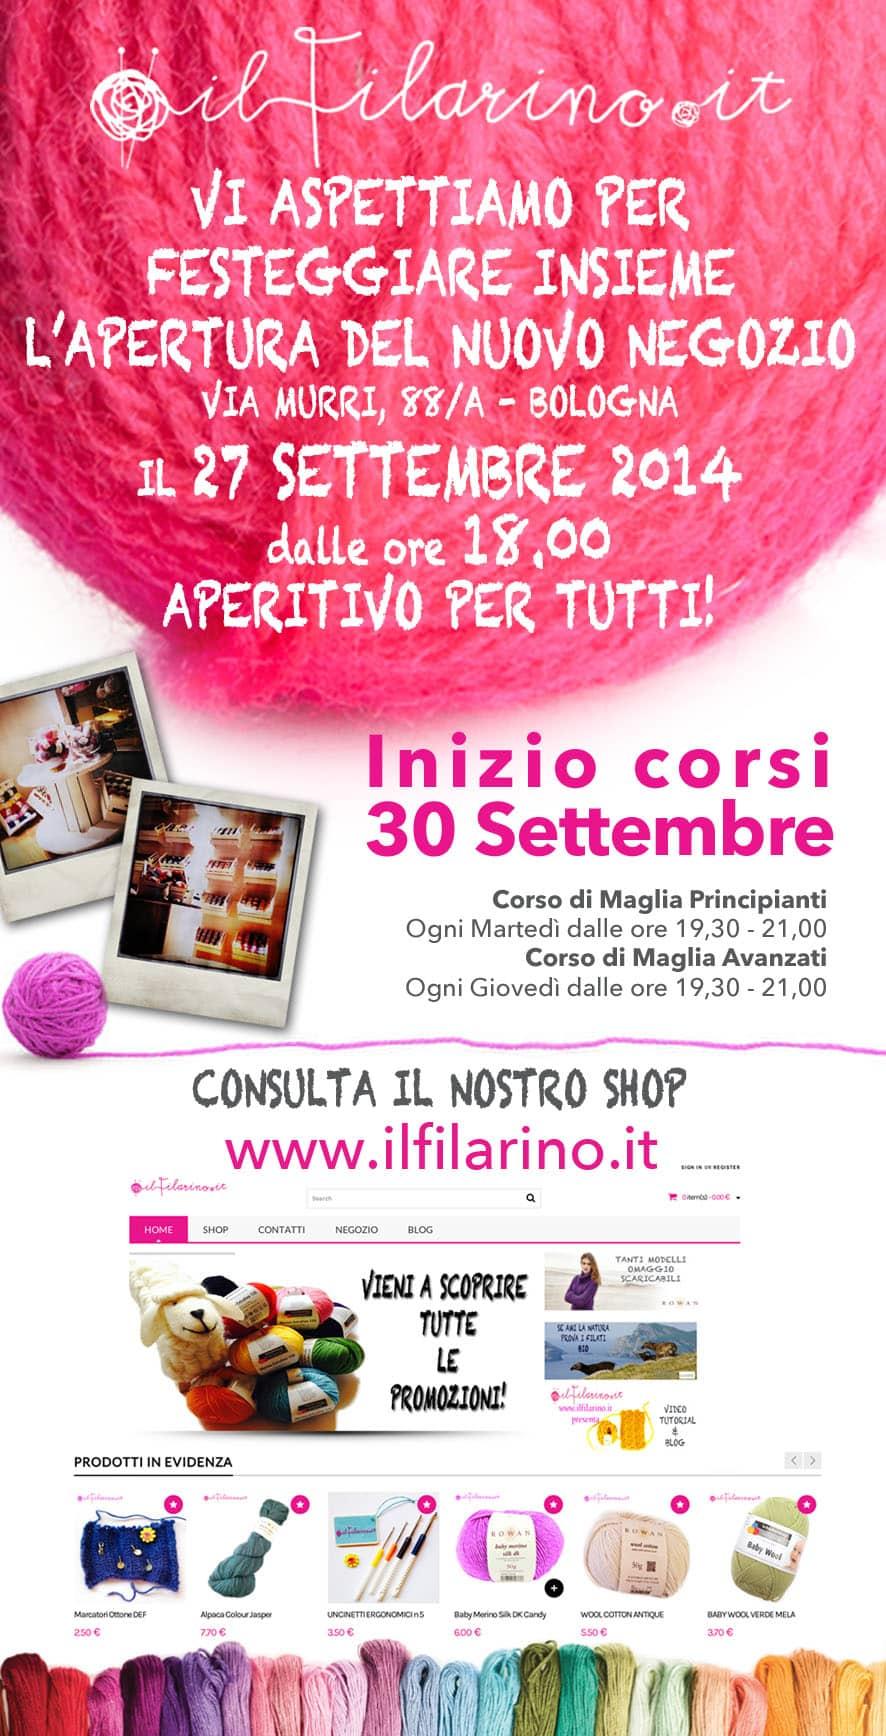 ilfilarino - newsletter - inaugurazione negozio bologna filati 2014